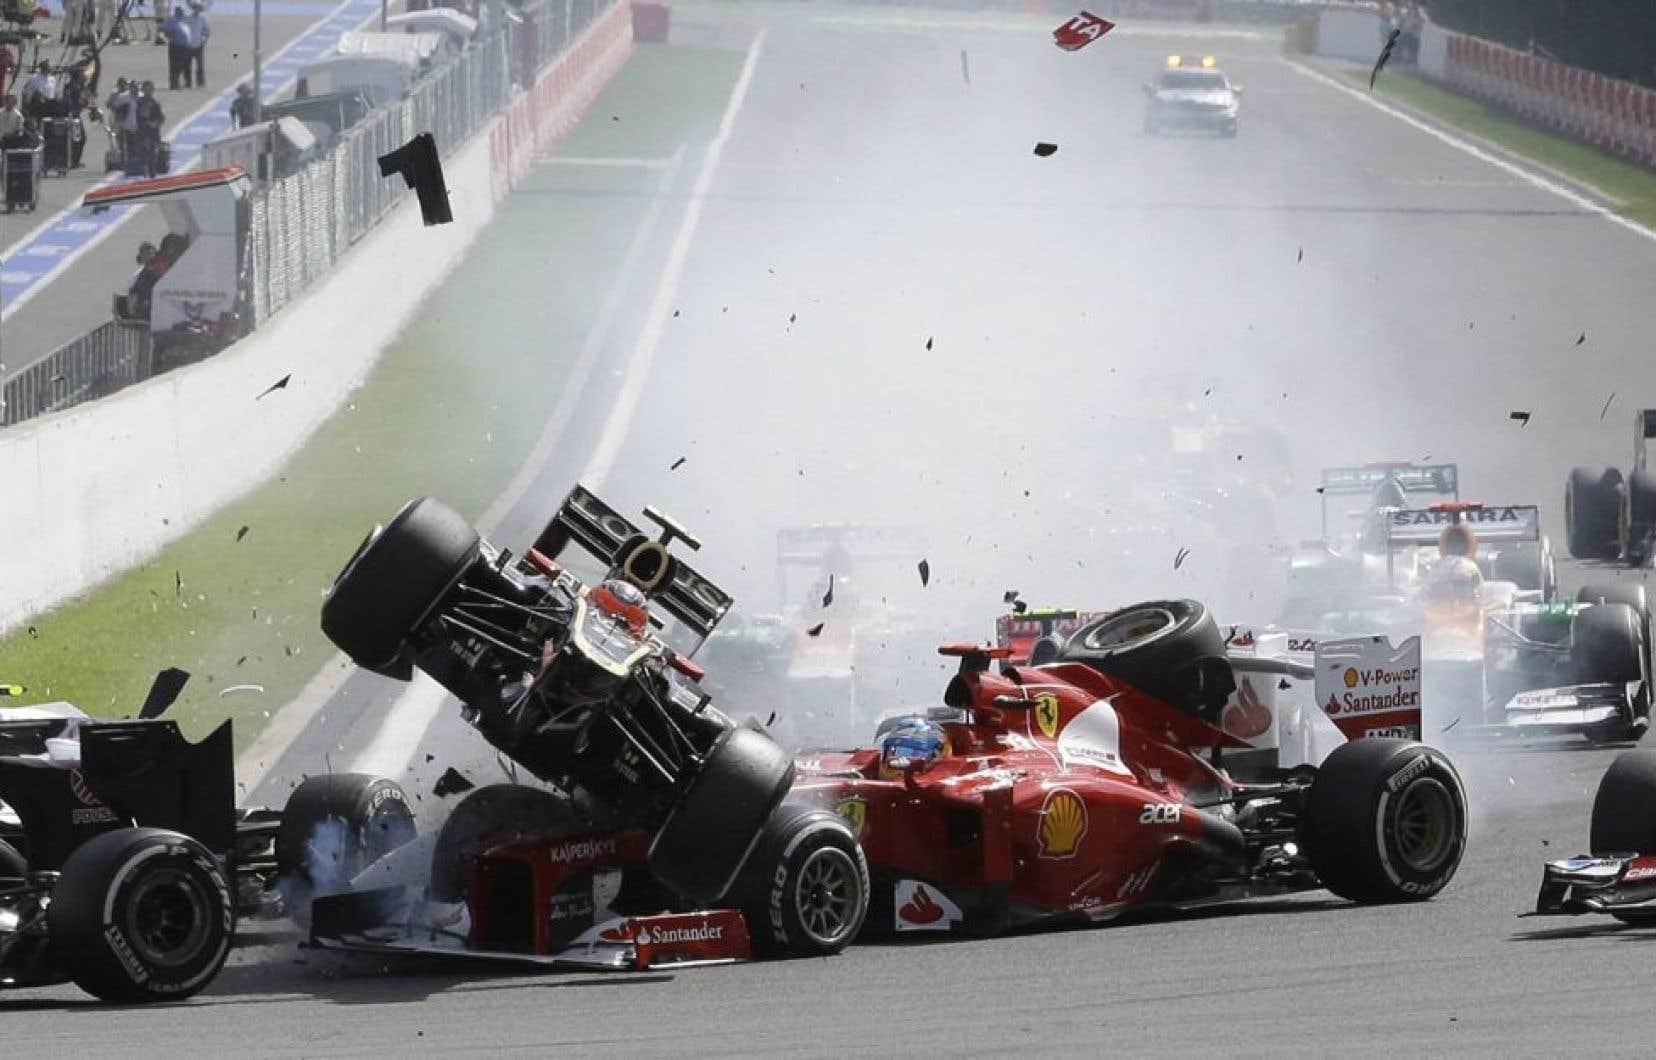 2 septembre 2012: Romain Grosjean (Lotus) entre en collision avec Fernando Alonso (Ferrari) lors du Grand Prix de Spa, en Belgique.